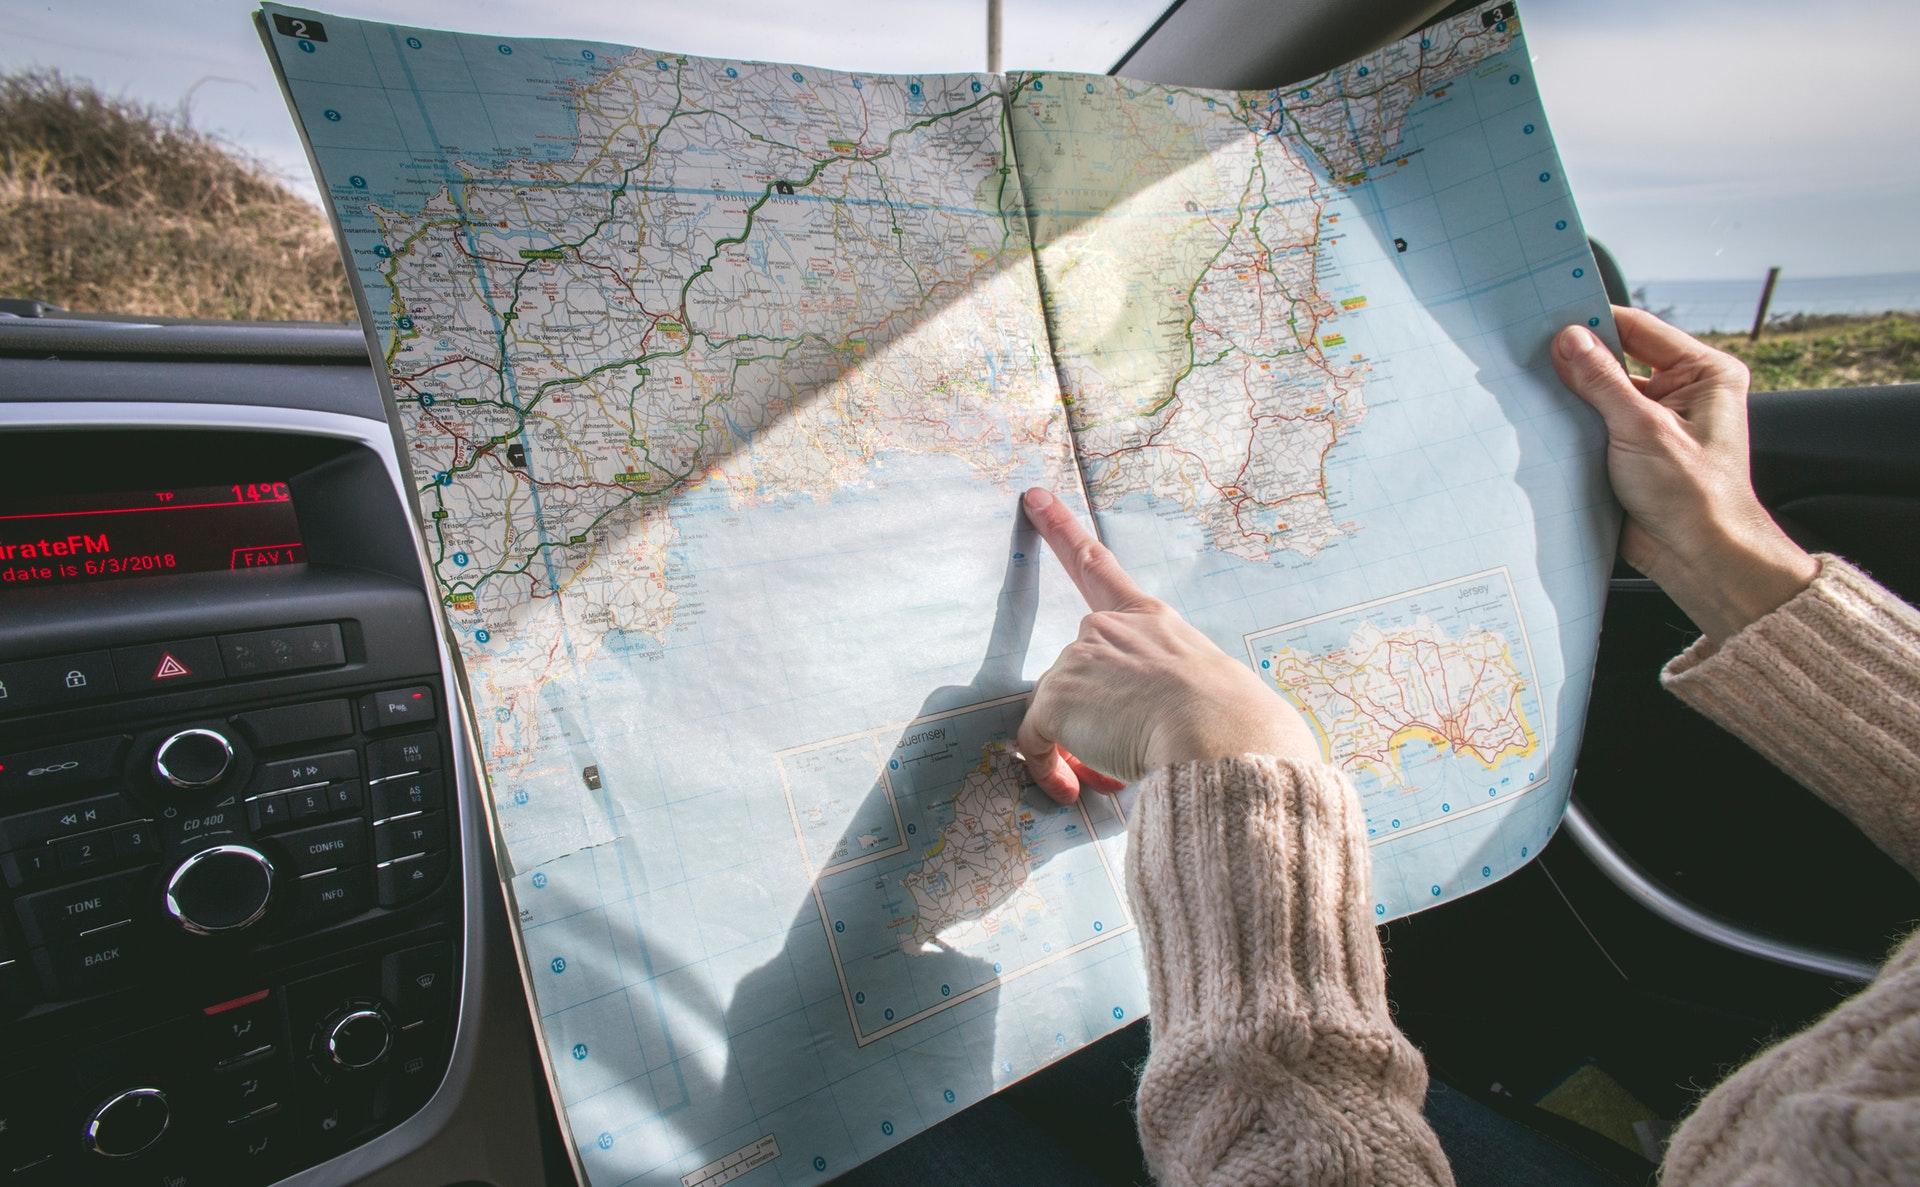 Google Podróże otrzymały sporą aktualizację. Planowanie wycieczek ma być teraz jeszcze prostsze 16